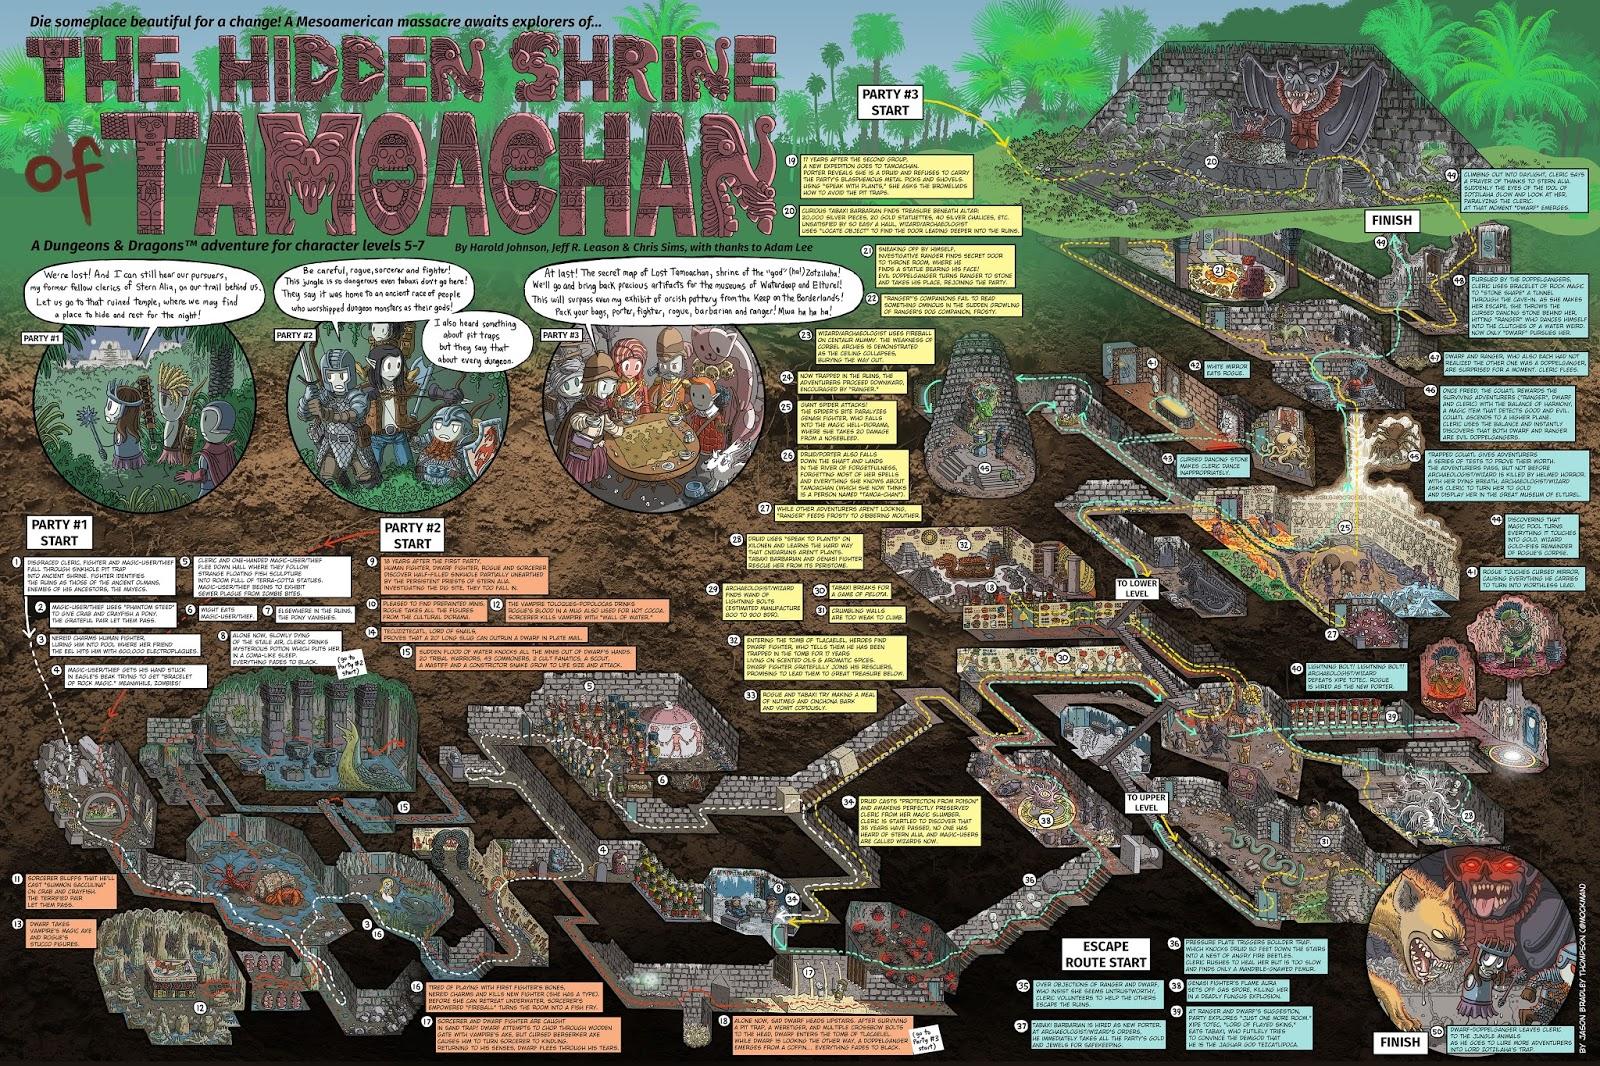 Emerald city comic con photos Emerald City Comic Con Day 3 Cosplay Gallery - Syfy